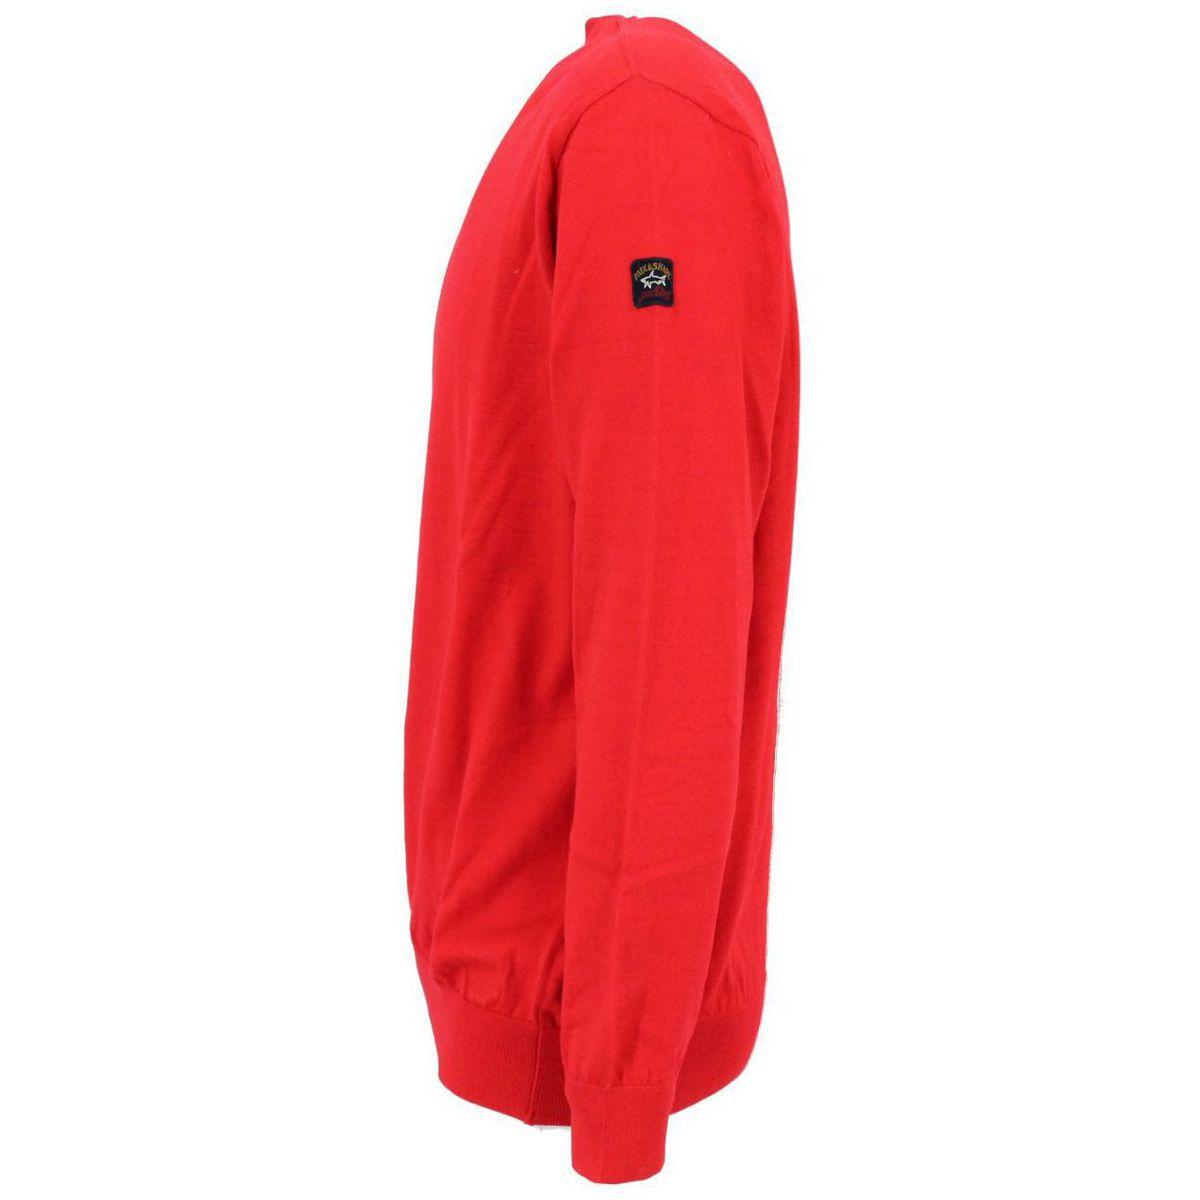 Maglia girocollo in cotone Rosso PAUL & SHARK